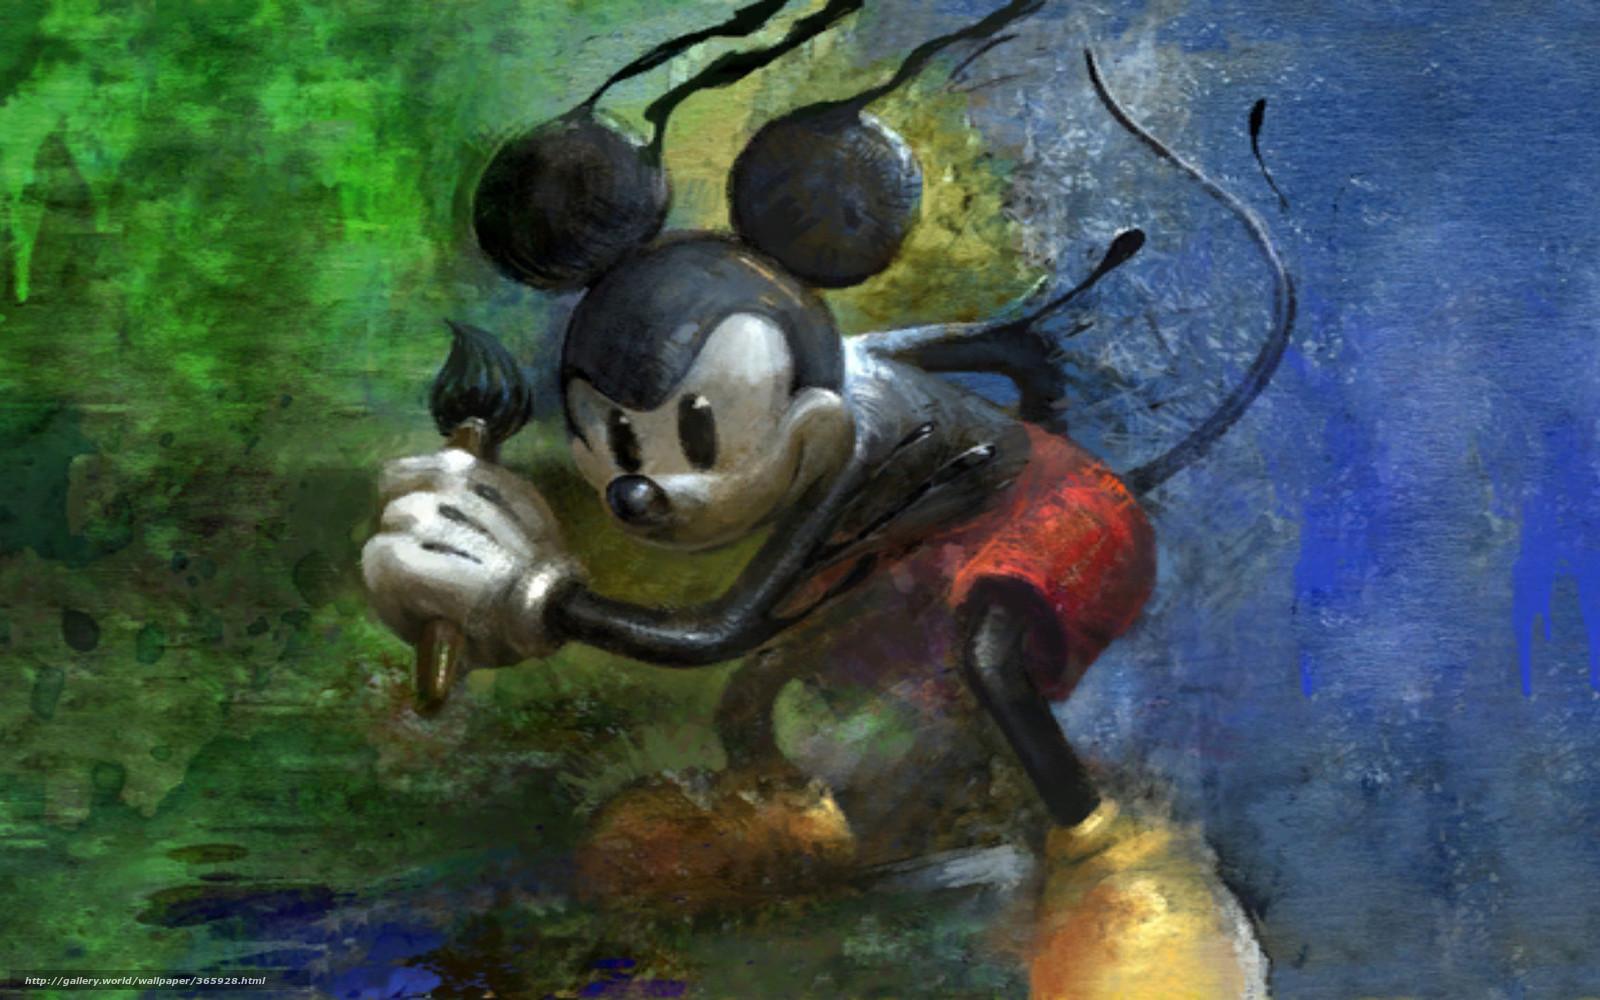 Scaricare gli sfondi topolino vernici spazzola cartone animato